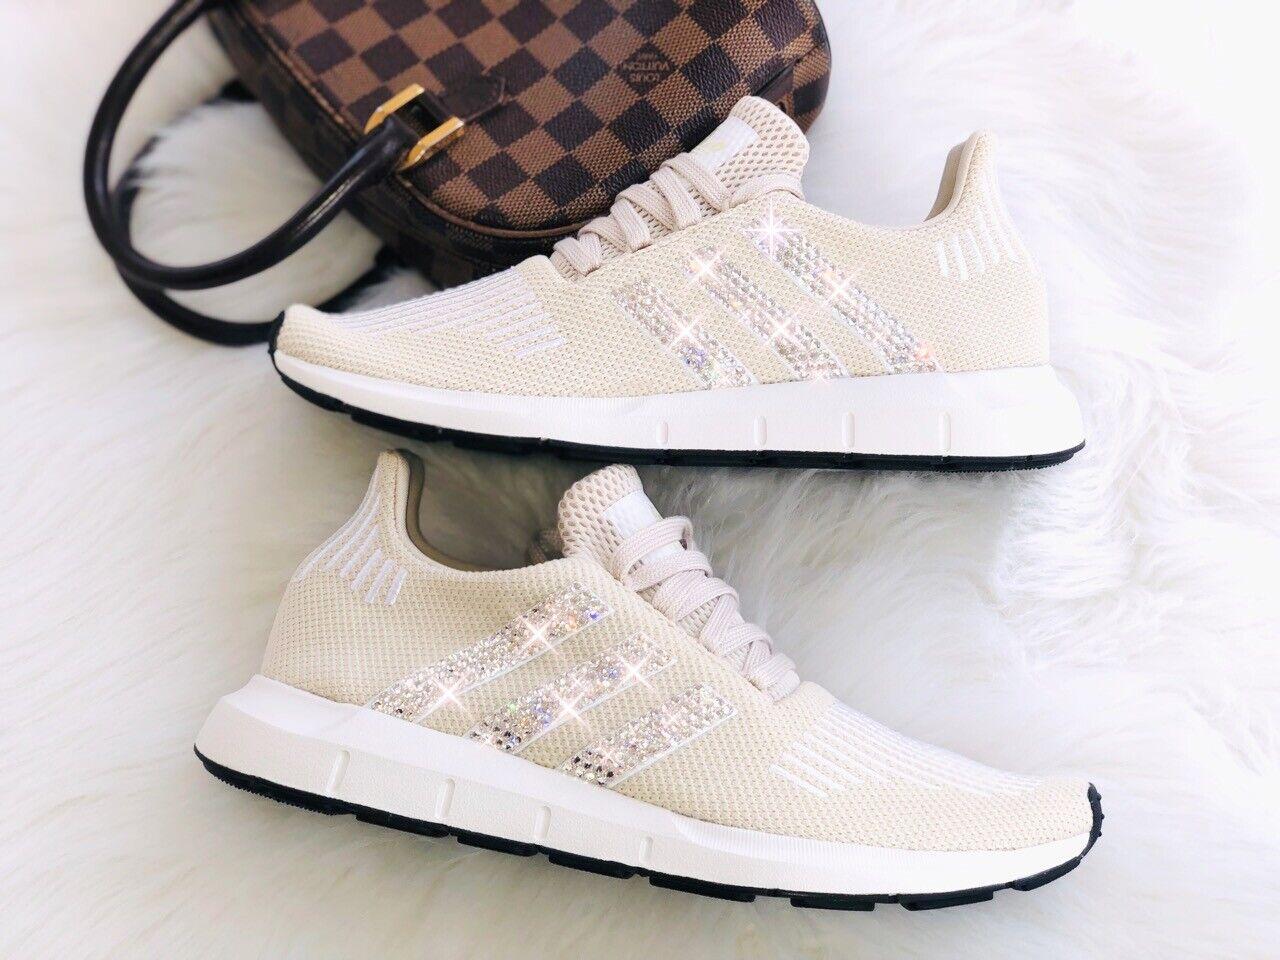 Crystal WMNS Adidas Swift Run Luxus Sneakers mit Swarovski Elements beige creme